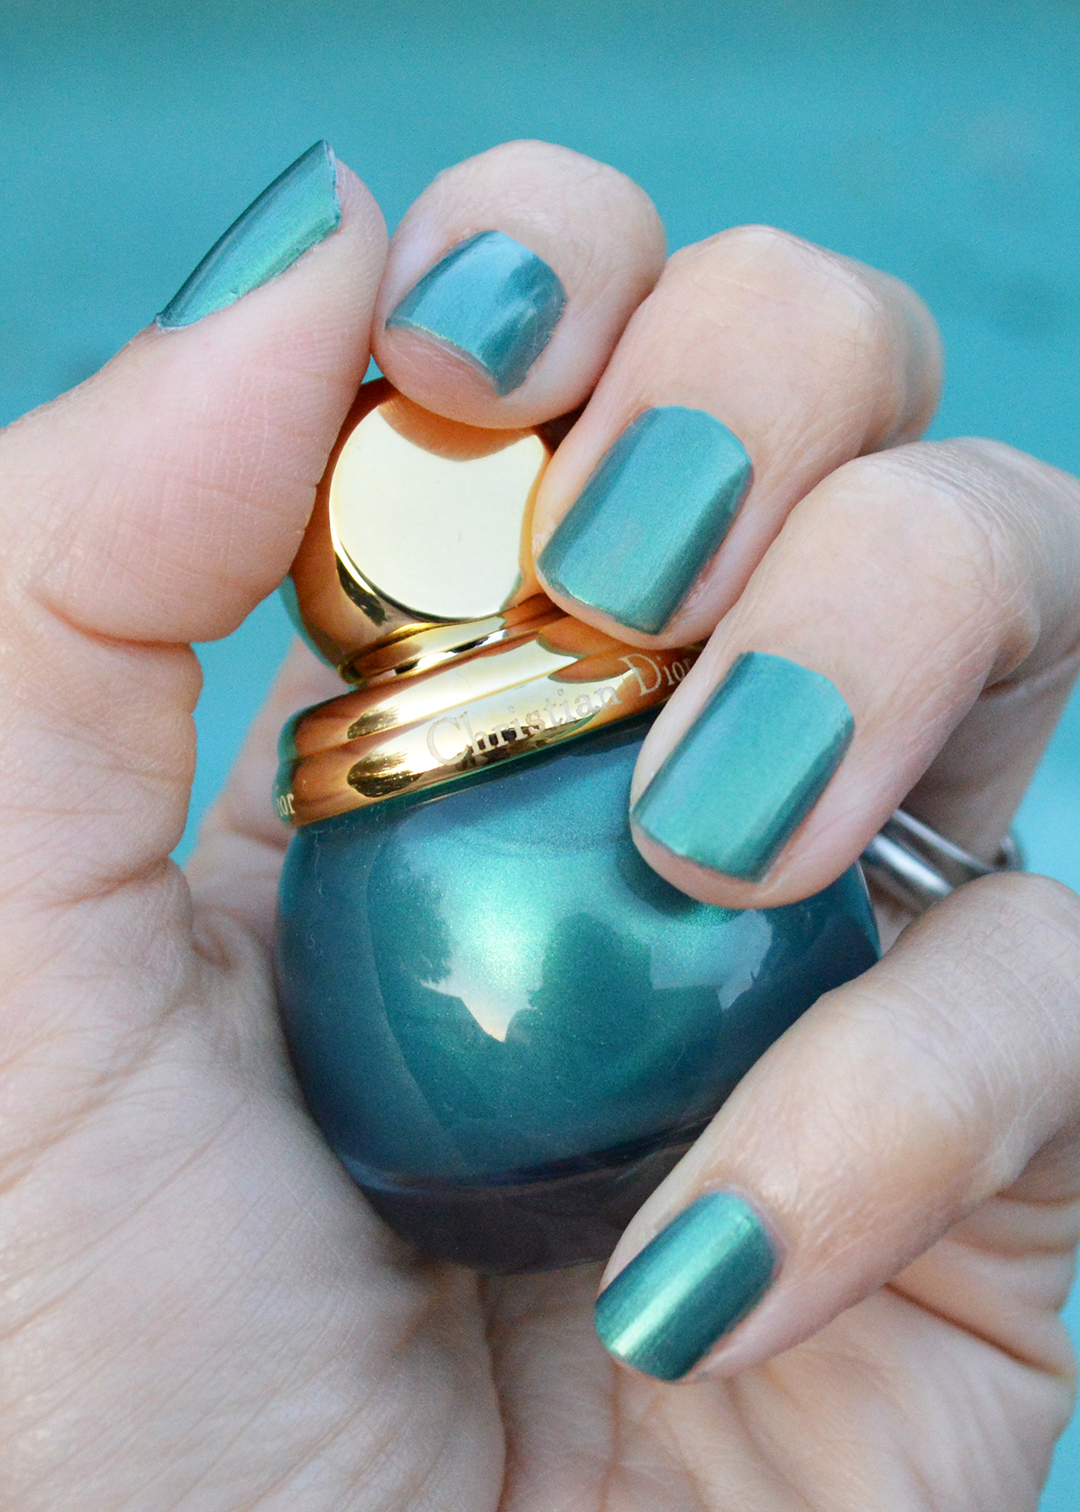 dior holiday 2017 nail polish diorific emerald